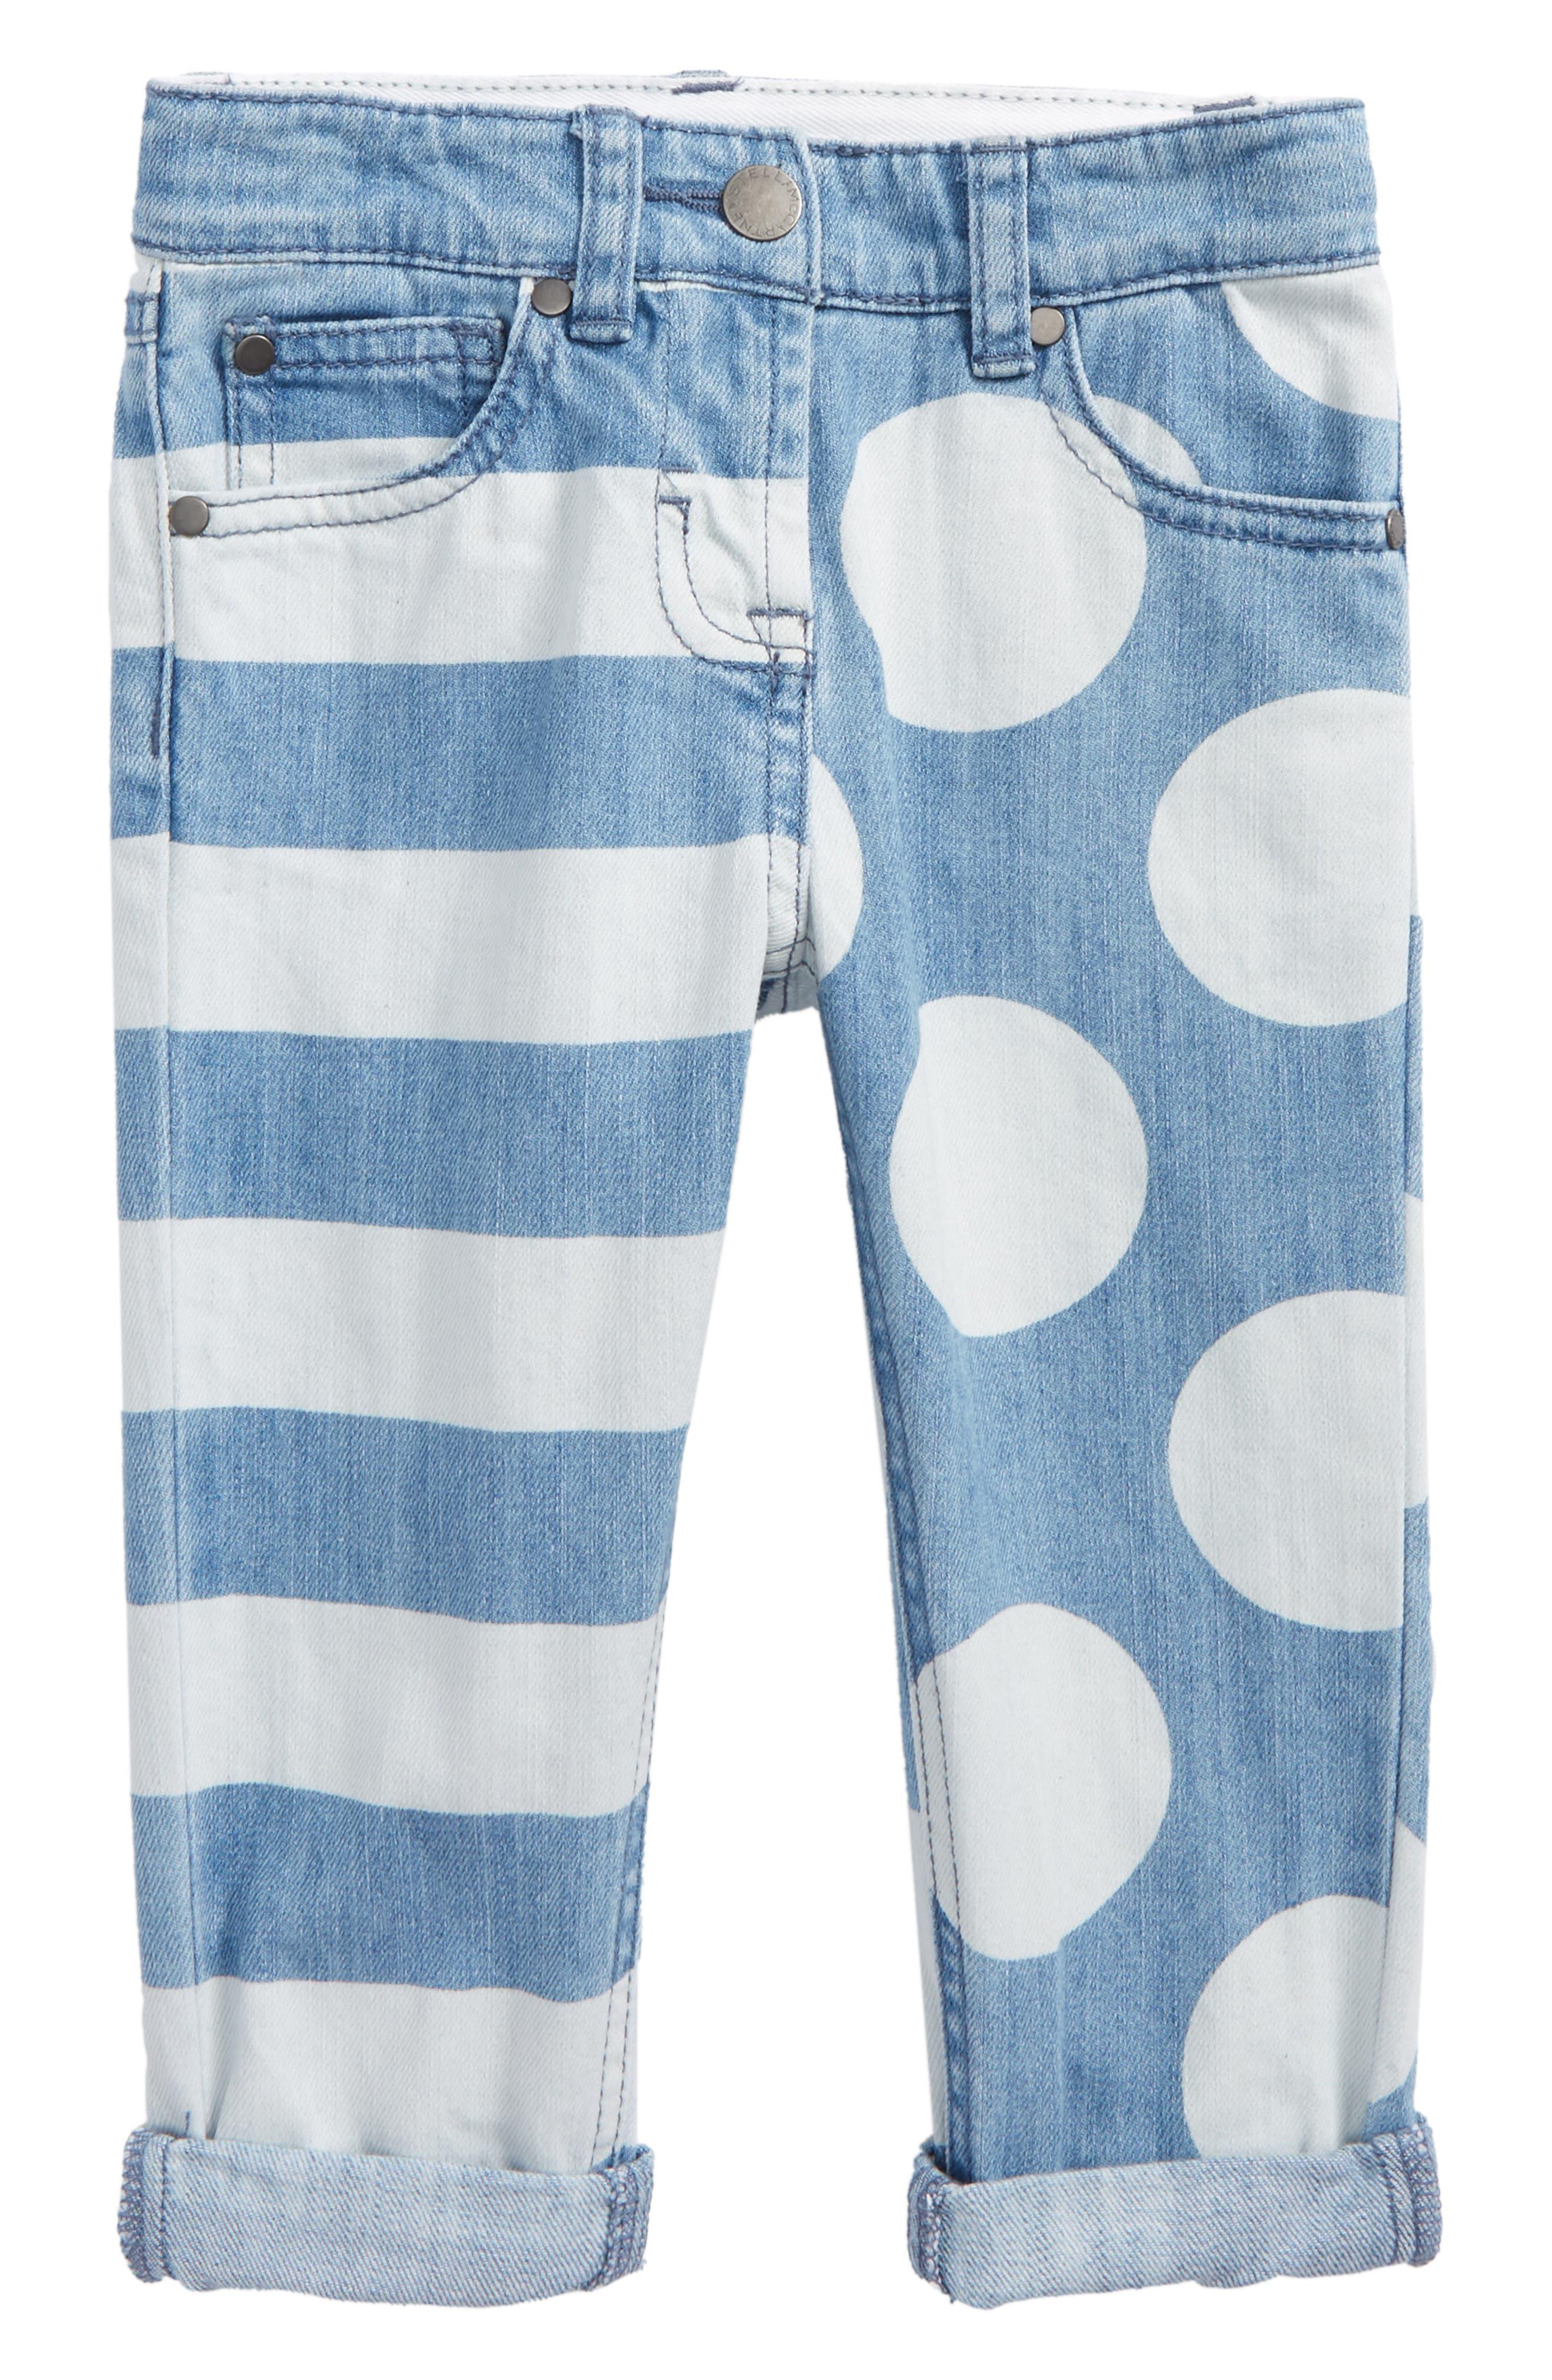 Lohan Stripe & Polka Dot Jeans,                         Main,                         color, Printed Denim